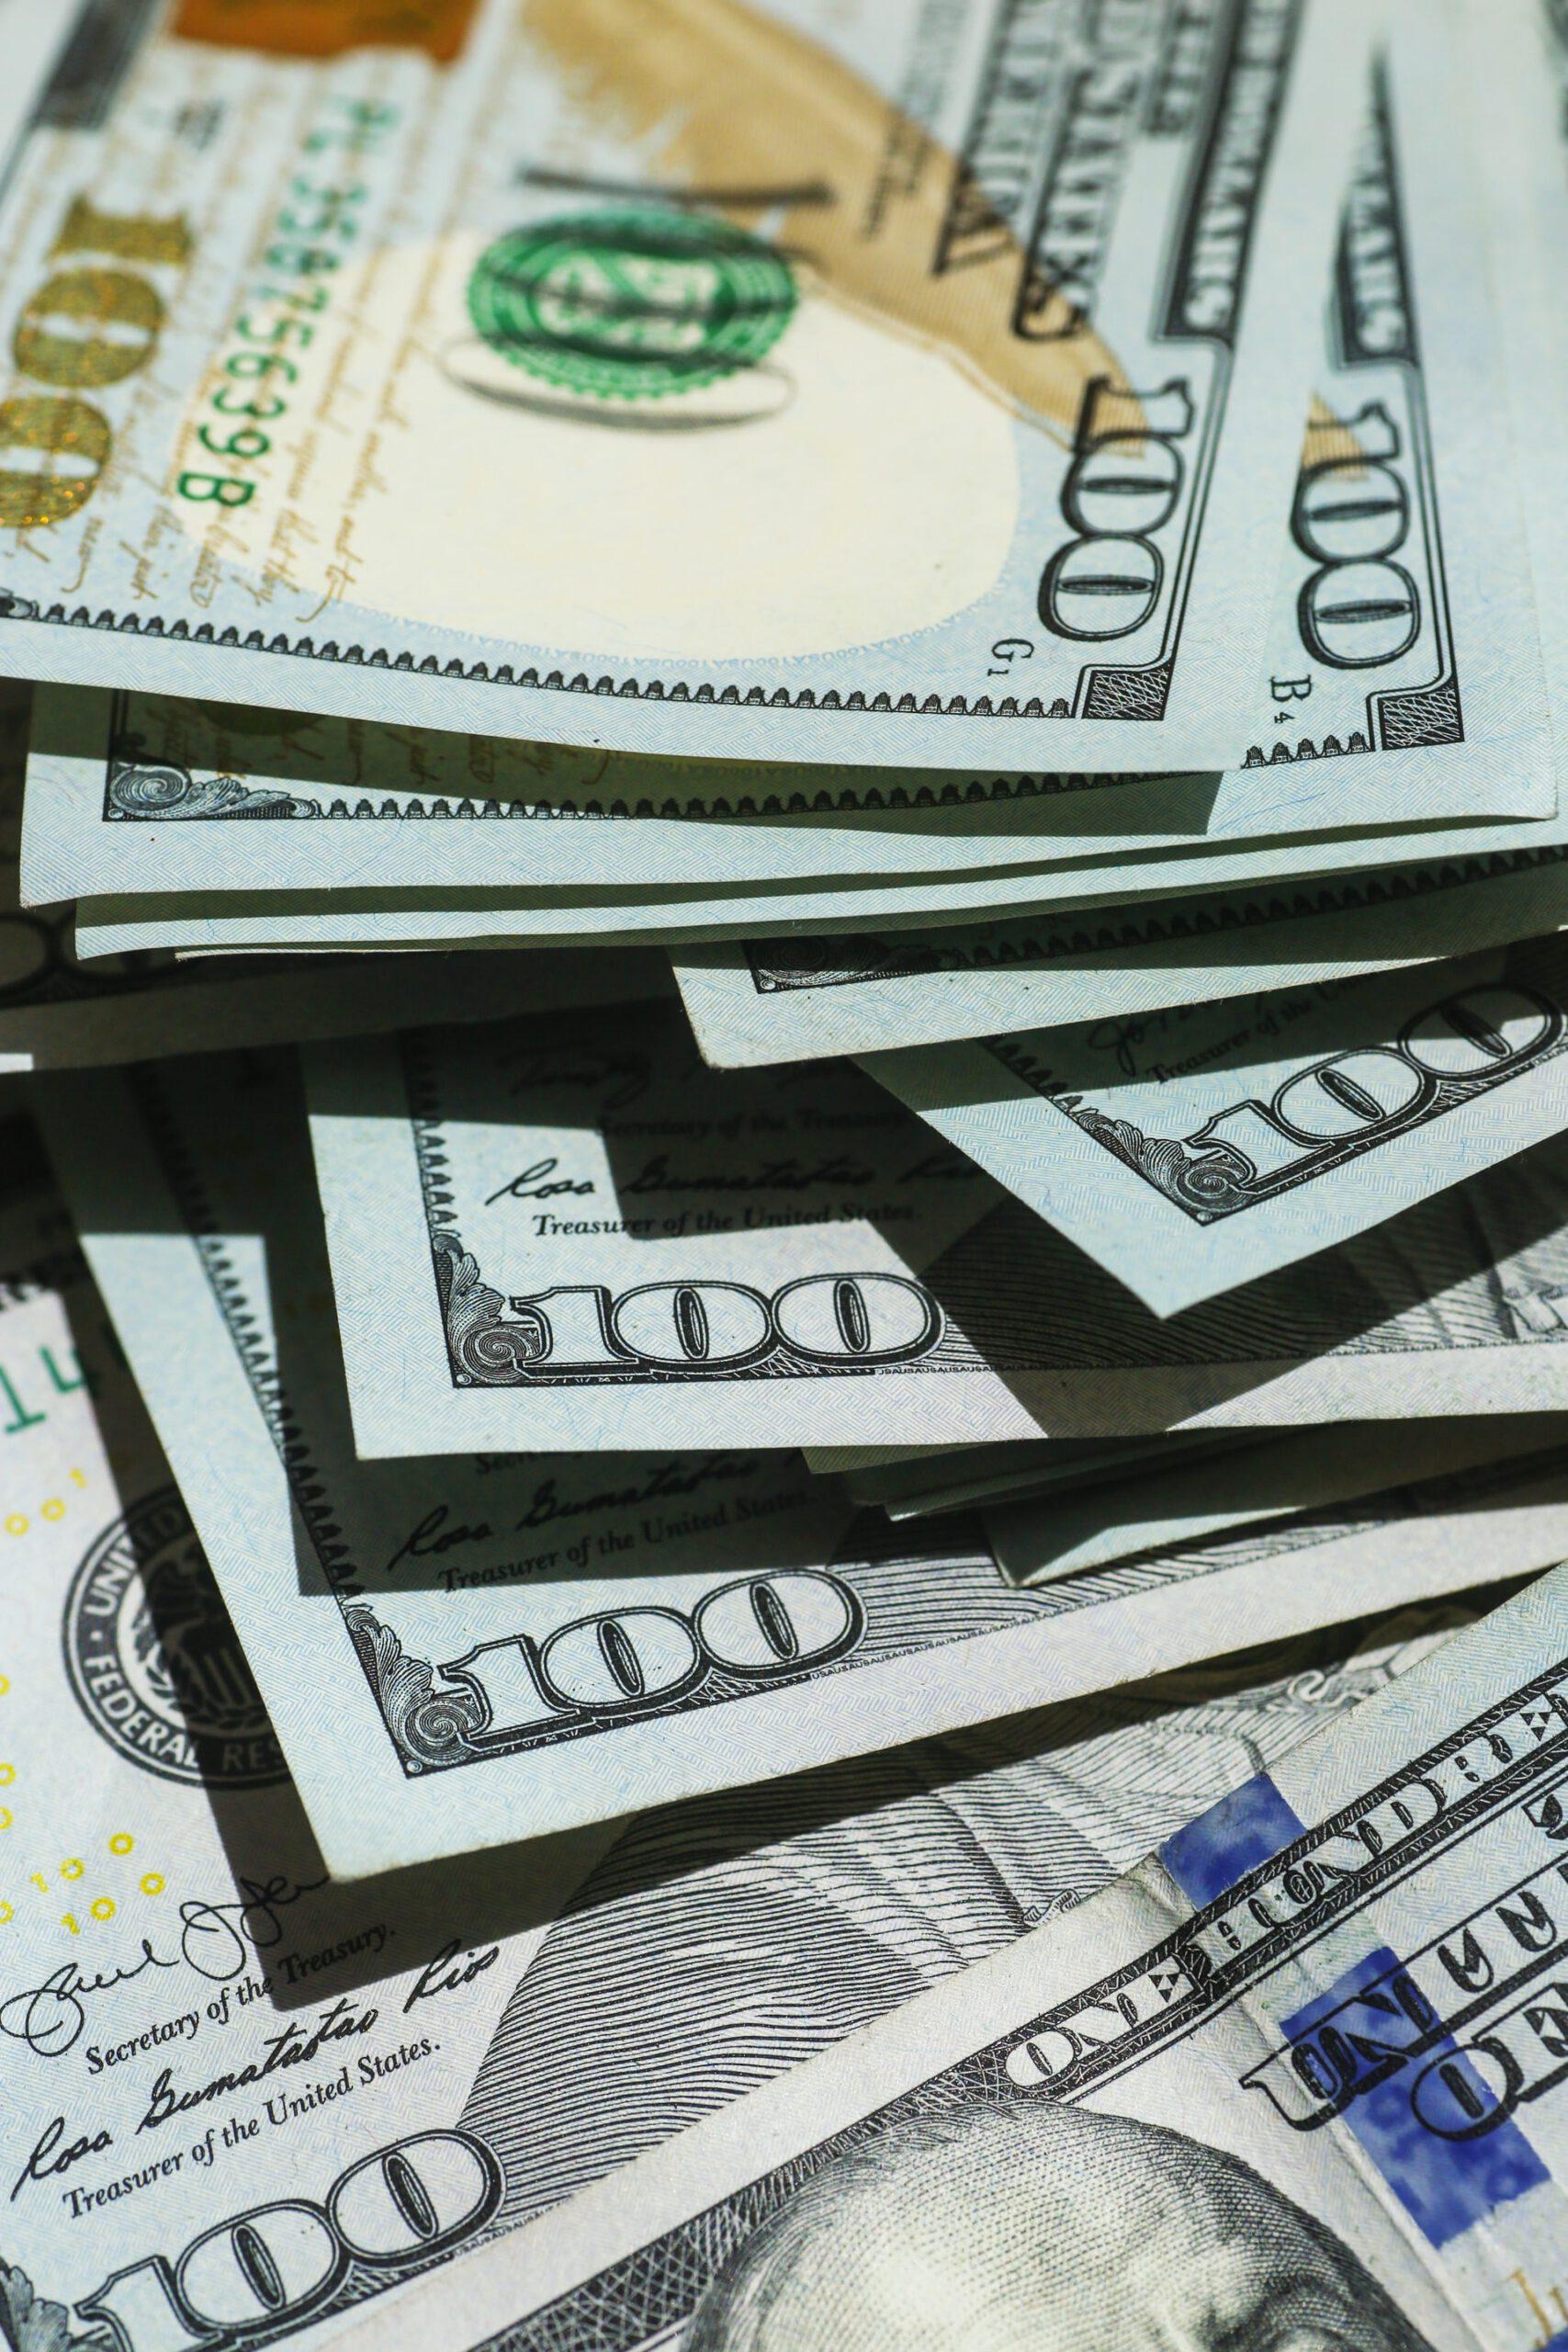 Światowa Organizacja Handlu potwierdza prawo UE do odwetu za 4 miliardy dolarów amerykańskiego wsparcia dla Boeinga